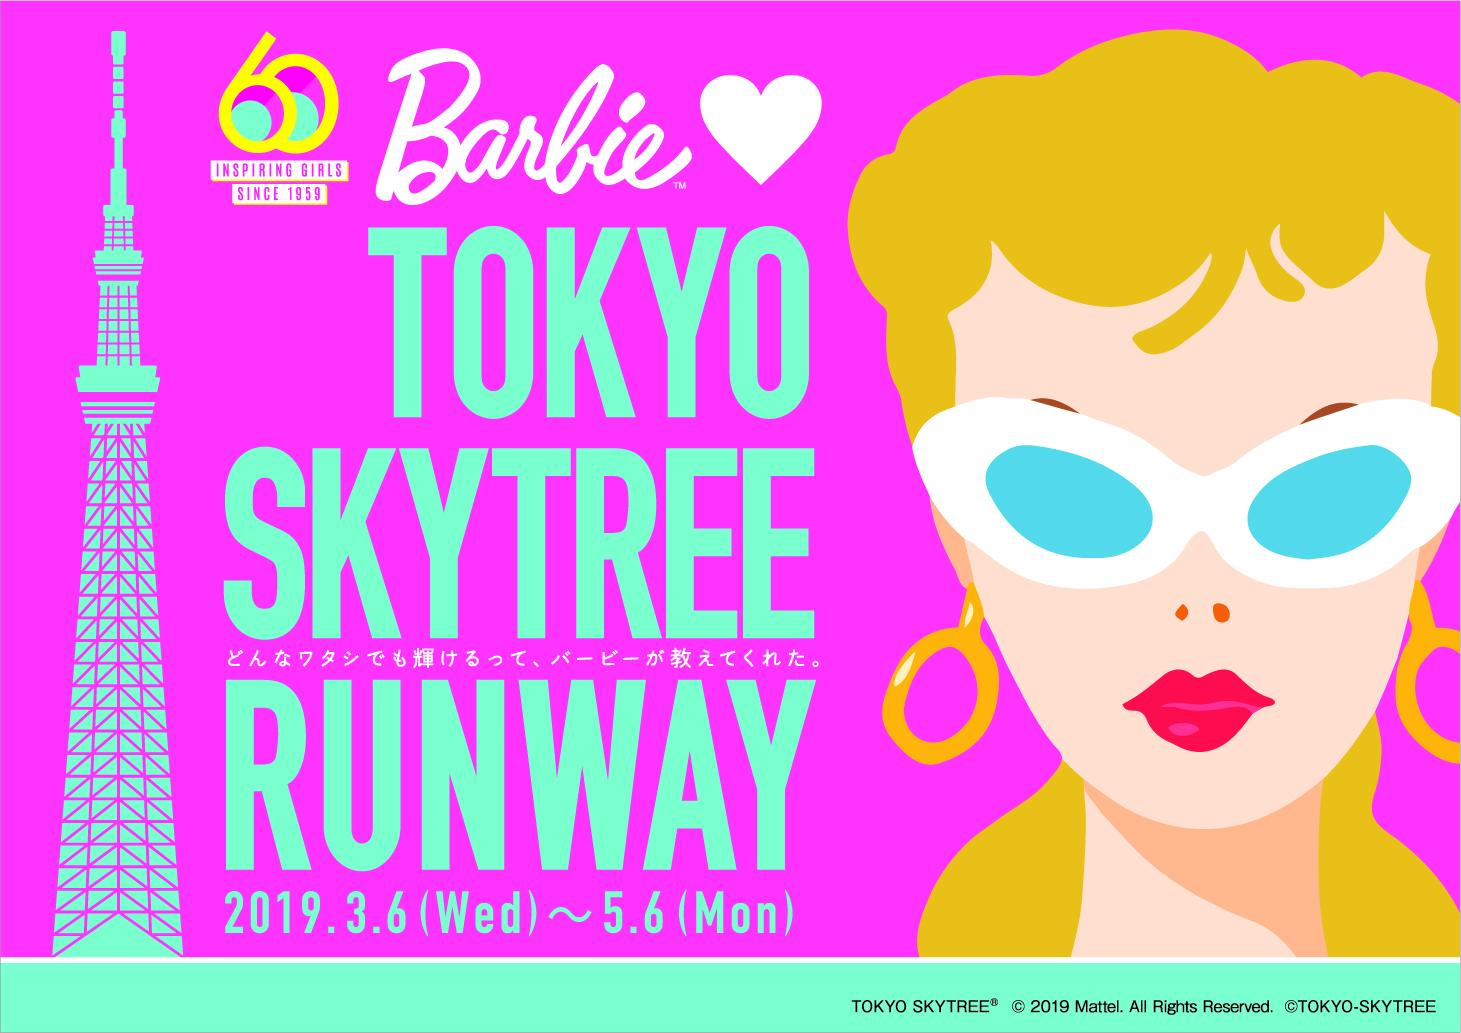 ファッションドール・バービーがデビュー60周年♡ 可愛すぎるカフェメニューや限定グッズなど、コラボイベントが『東京スカイツリー®』で開催中!!_1